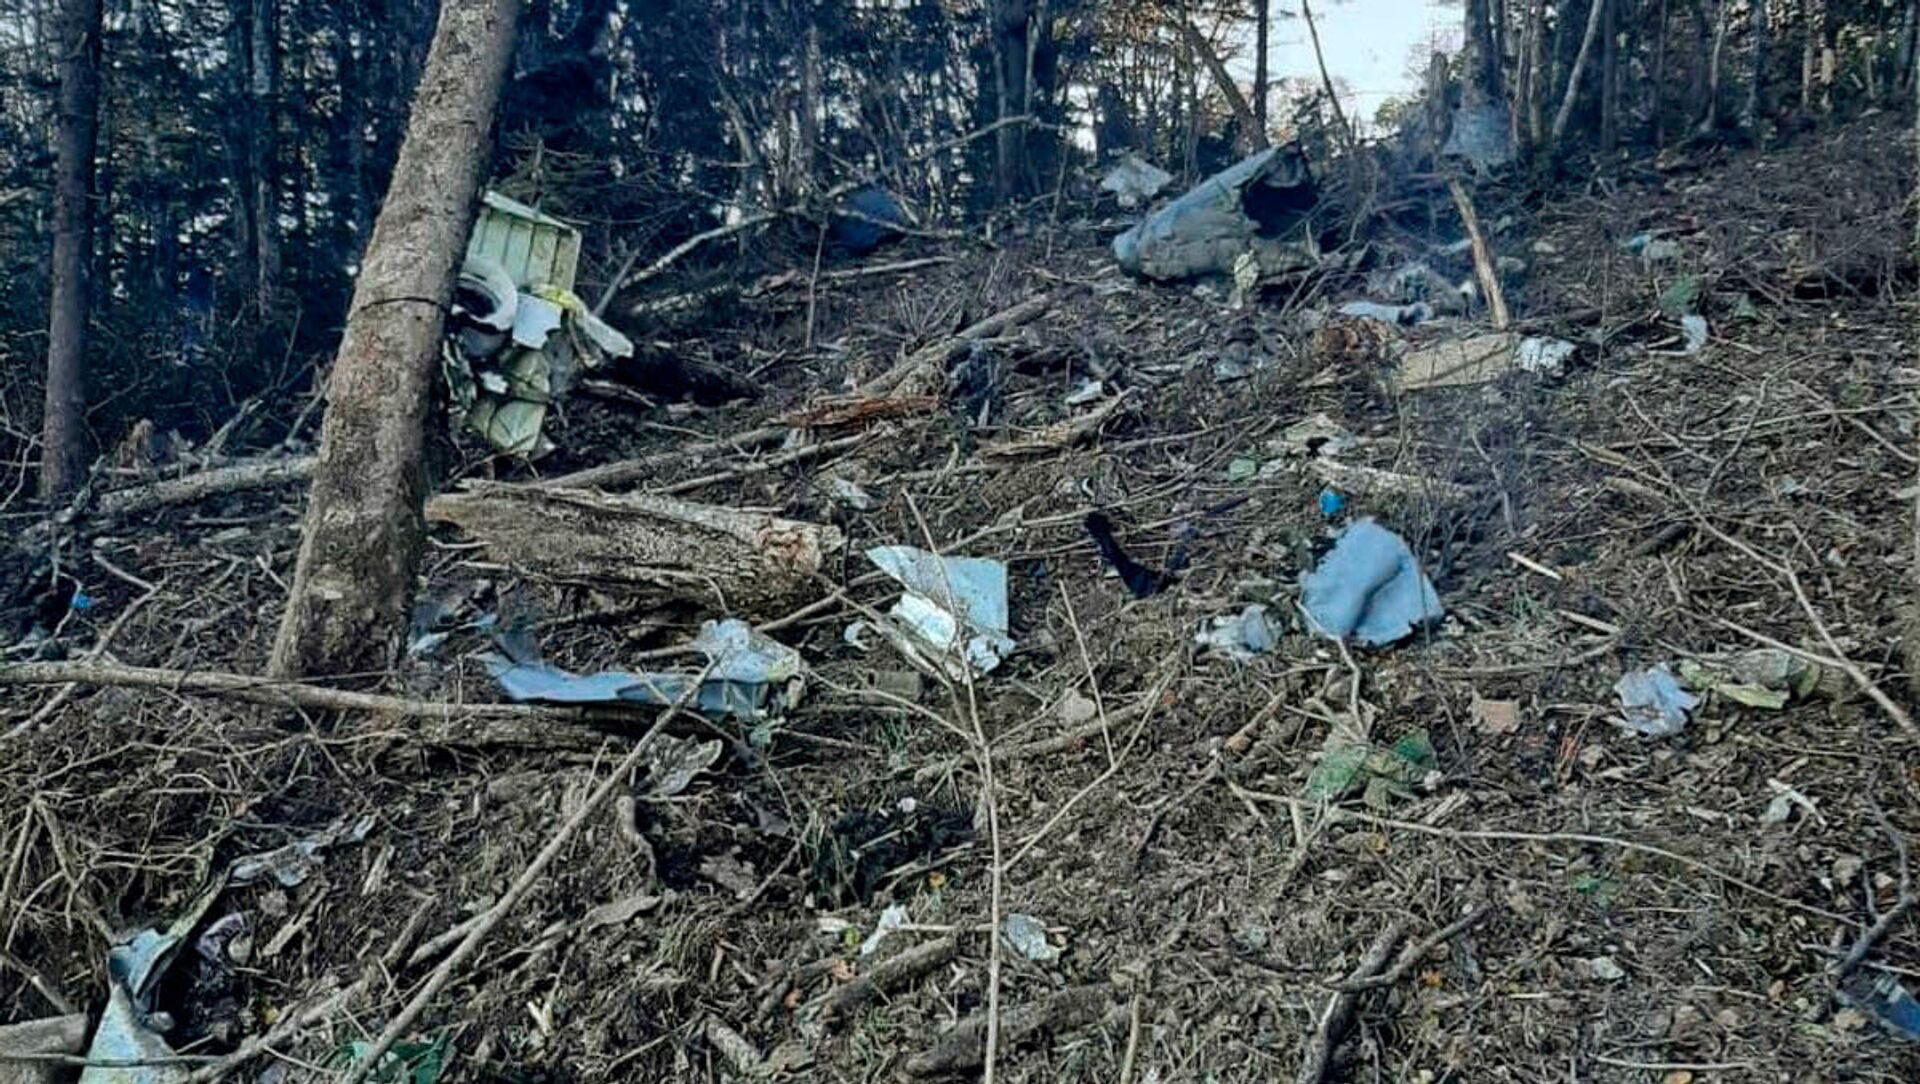 ハバロフスク郊外でAn-26機墜落 乗員全員死亡 - Sputnik 日本, 1920, 23.09.2021